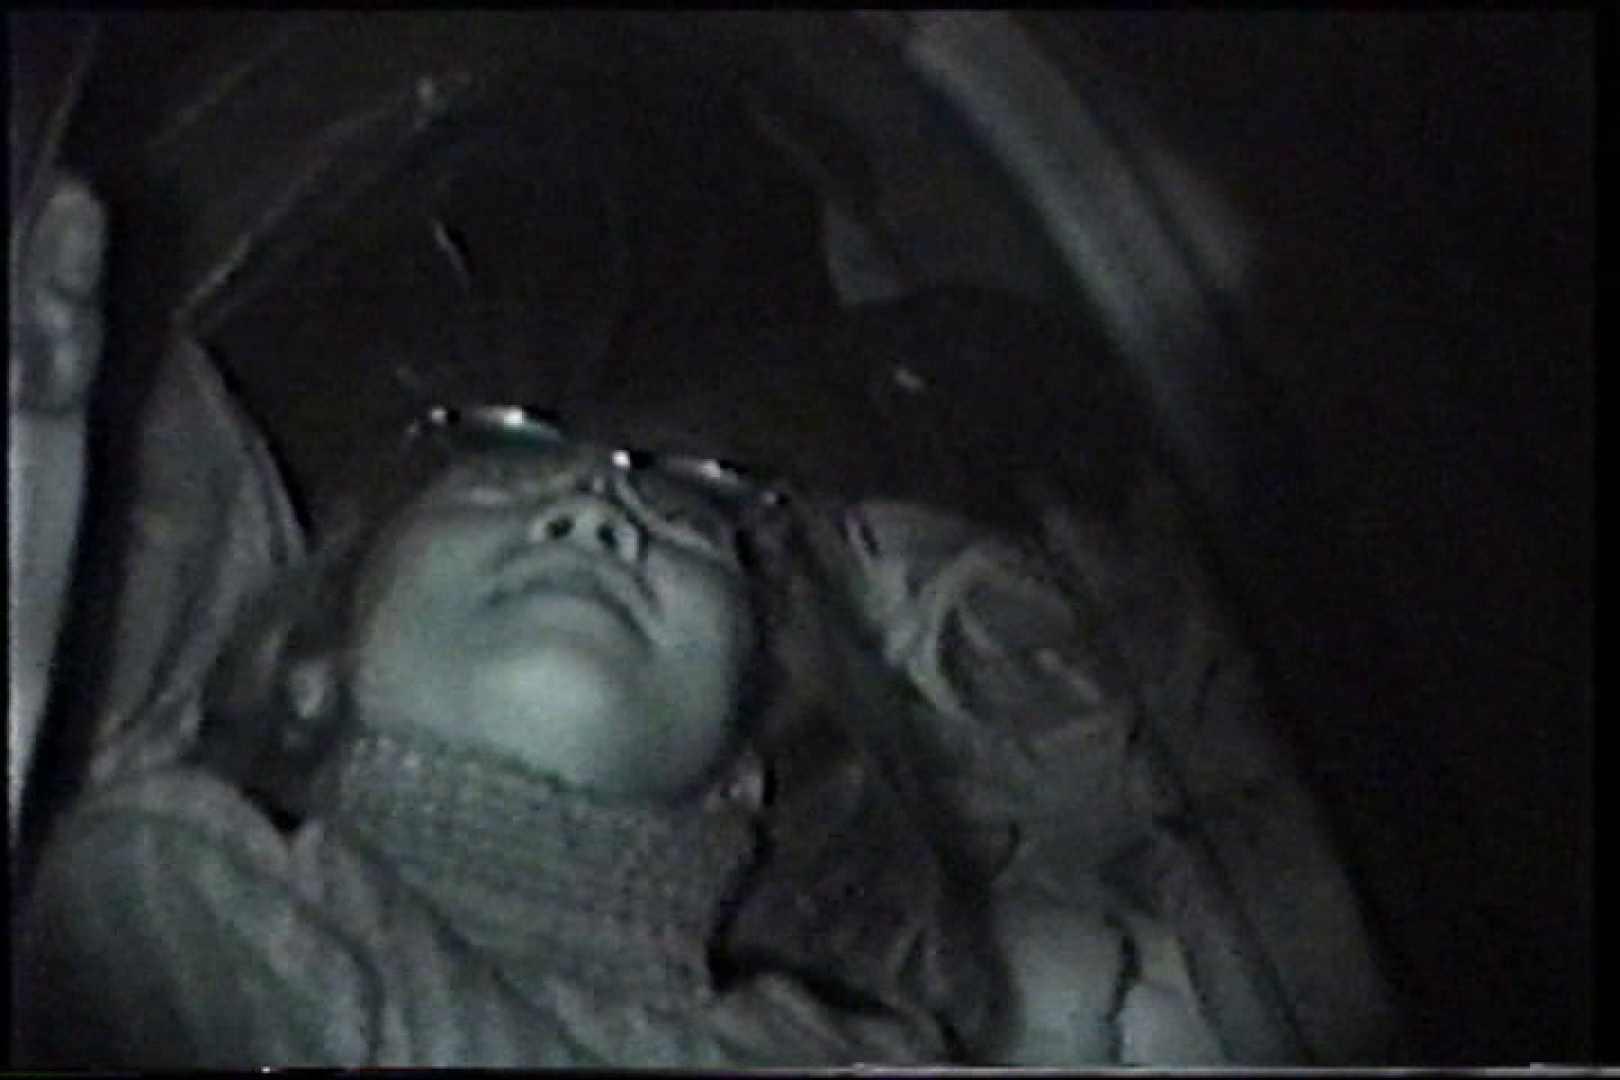 充血監督の深夜の運動会Vol.214 後編. カップル えろ無修正画像 96pic 13